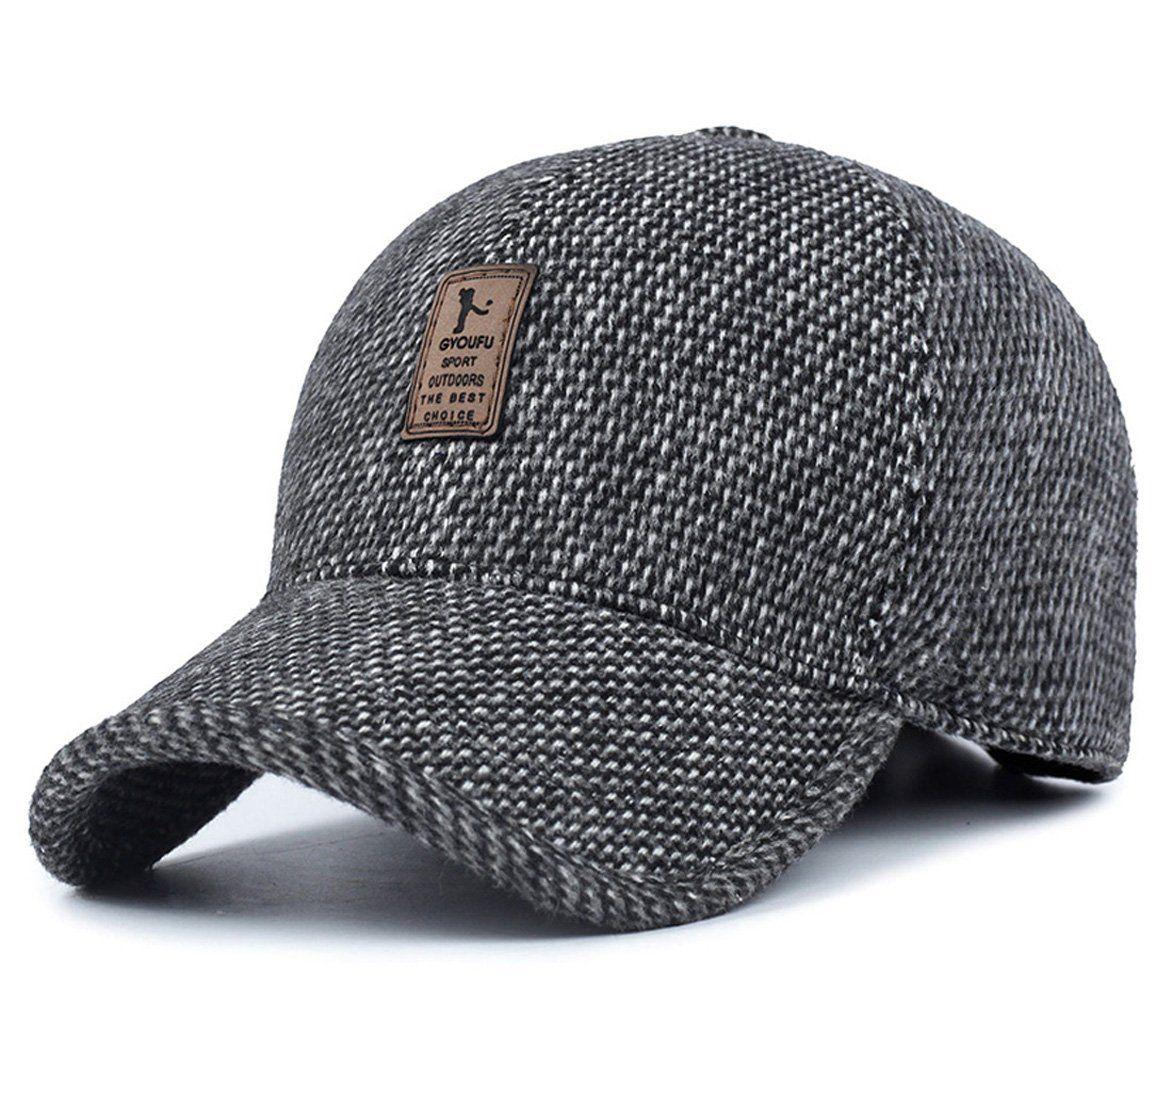 de741f7a0b2 Kangol   11 pund - Baseball Cap Hat